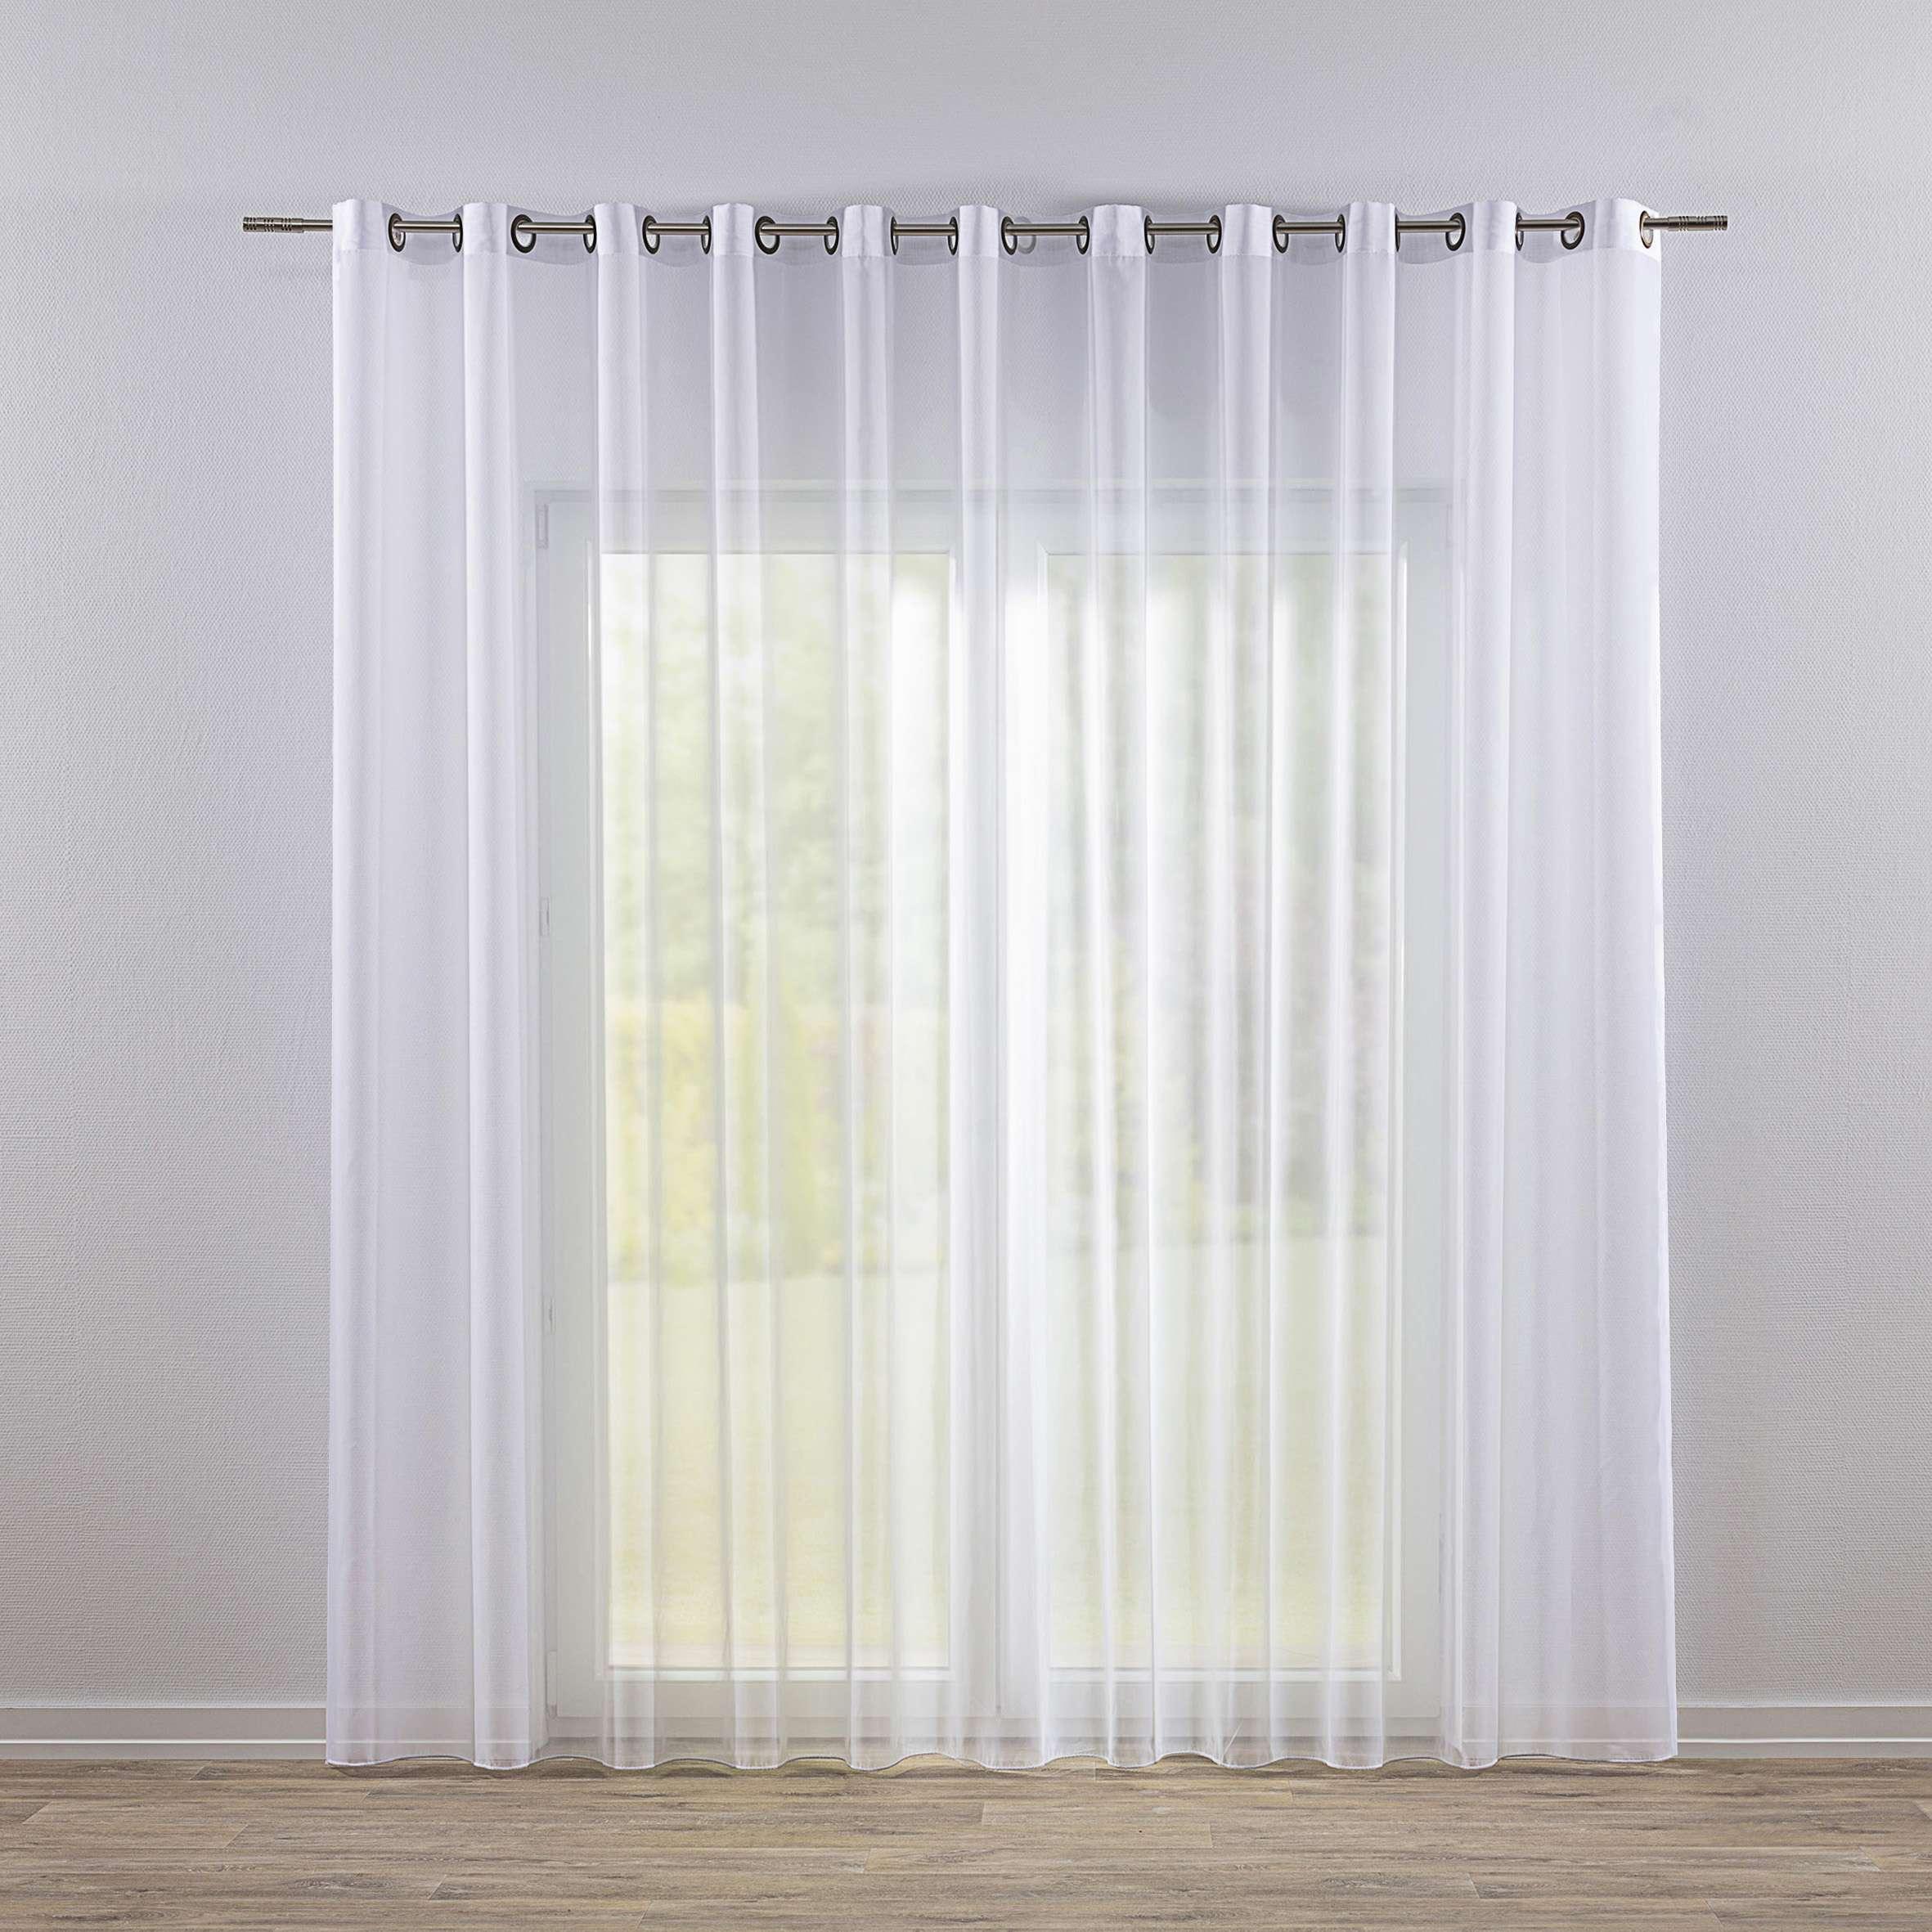 Záclona z voálu na kolieskach V kolekcii Voálové záclony, tkanina: 901-00